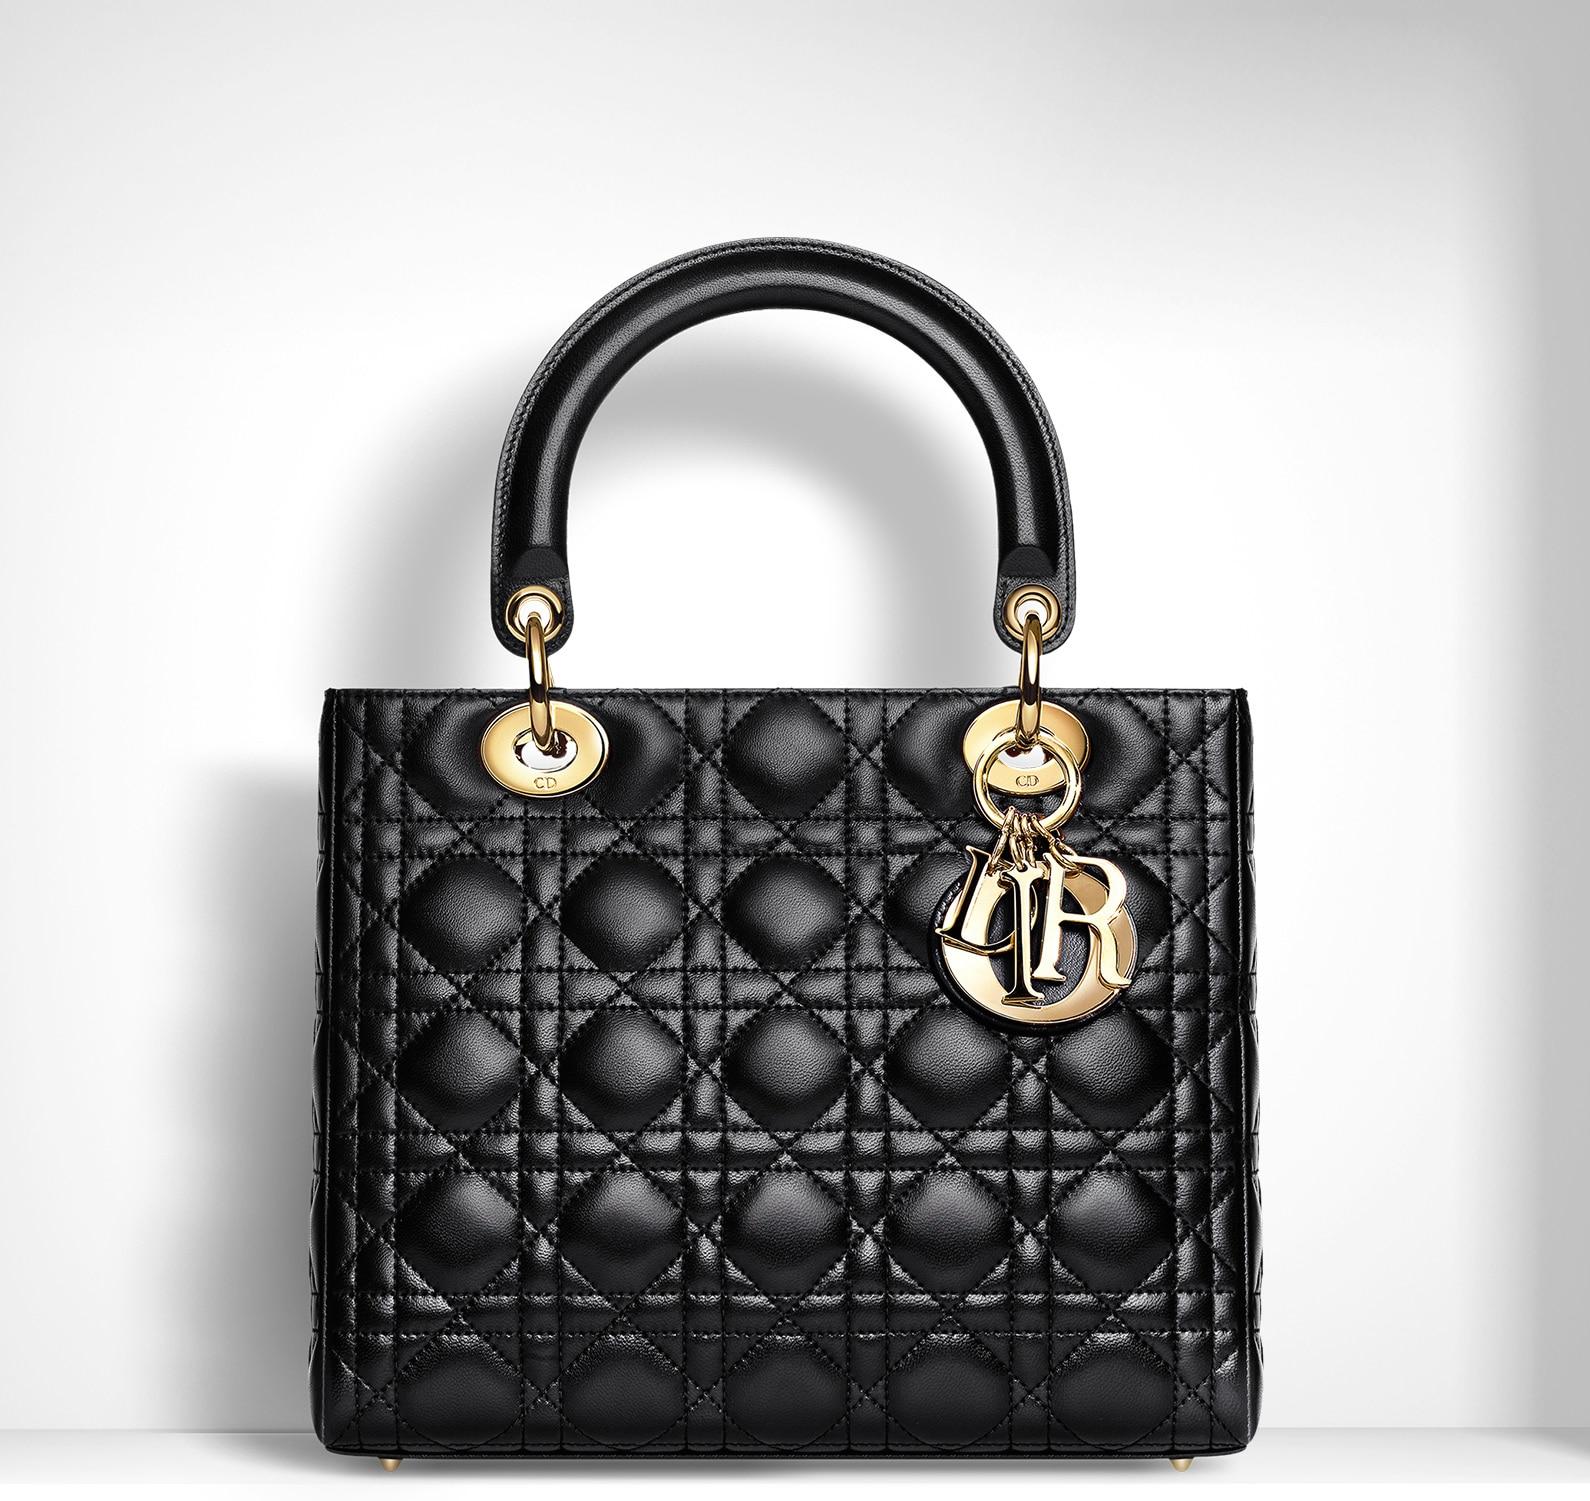 Lady-Dior-Bag-1.jpg